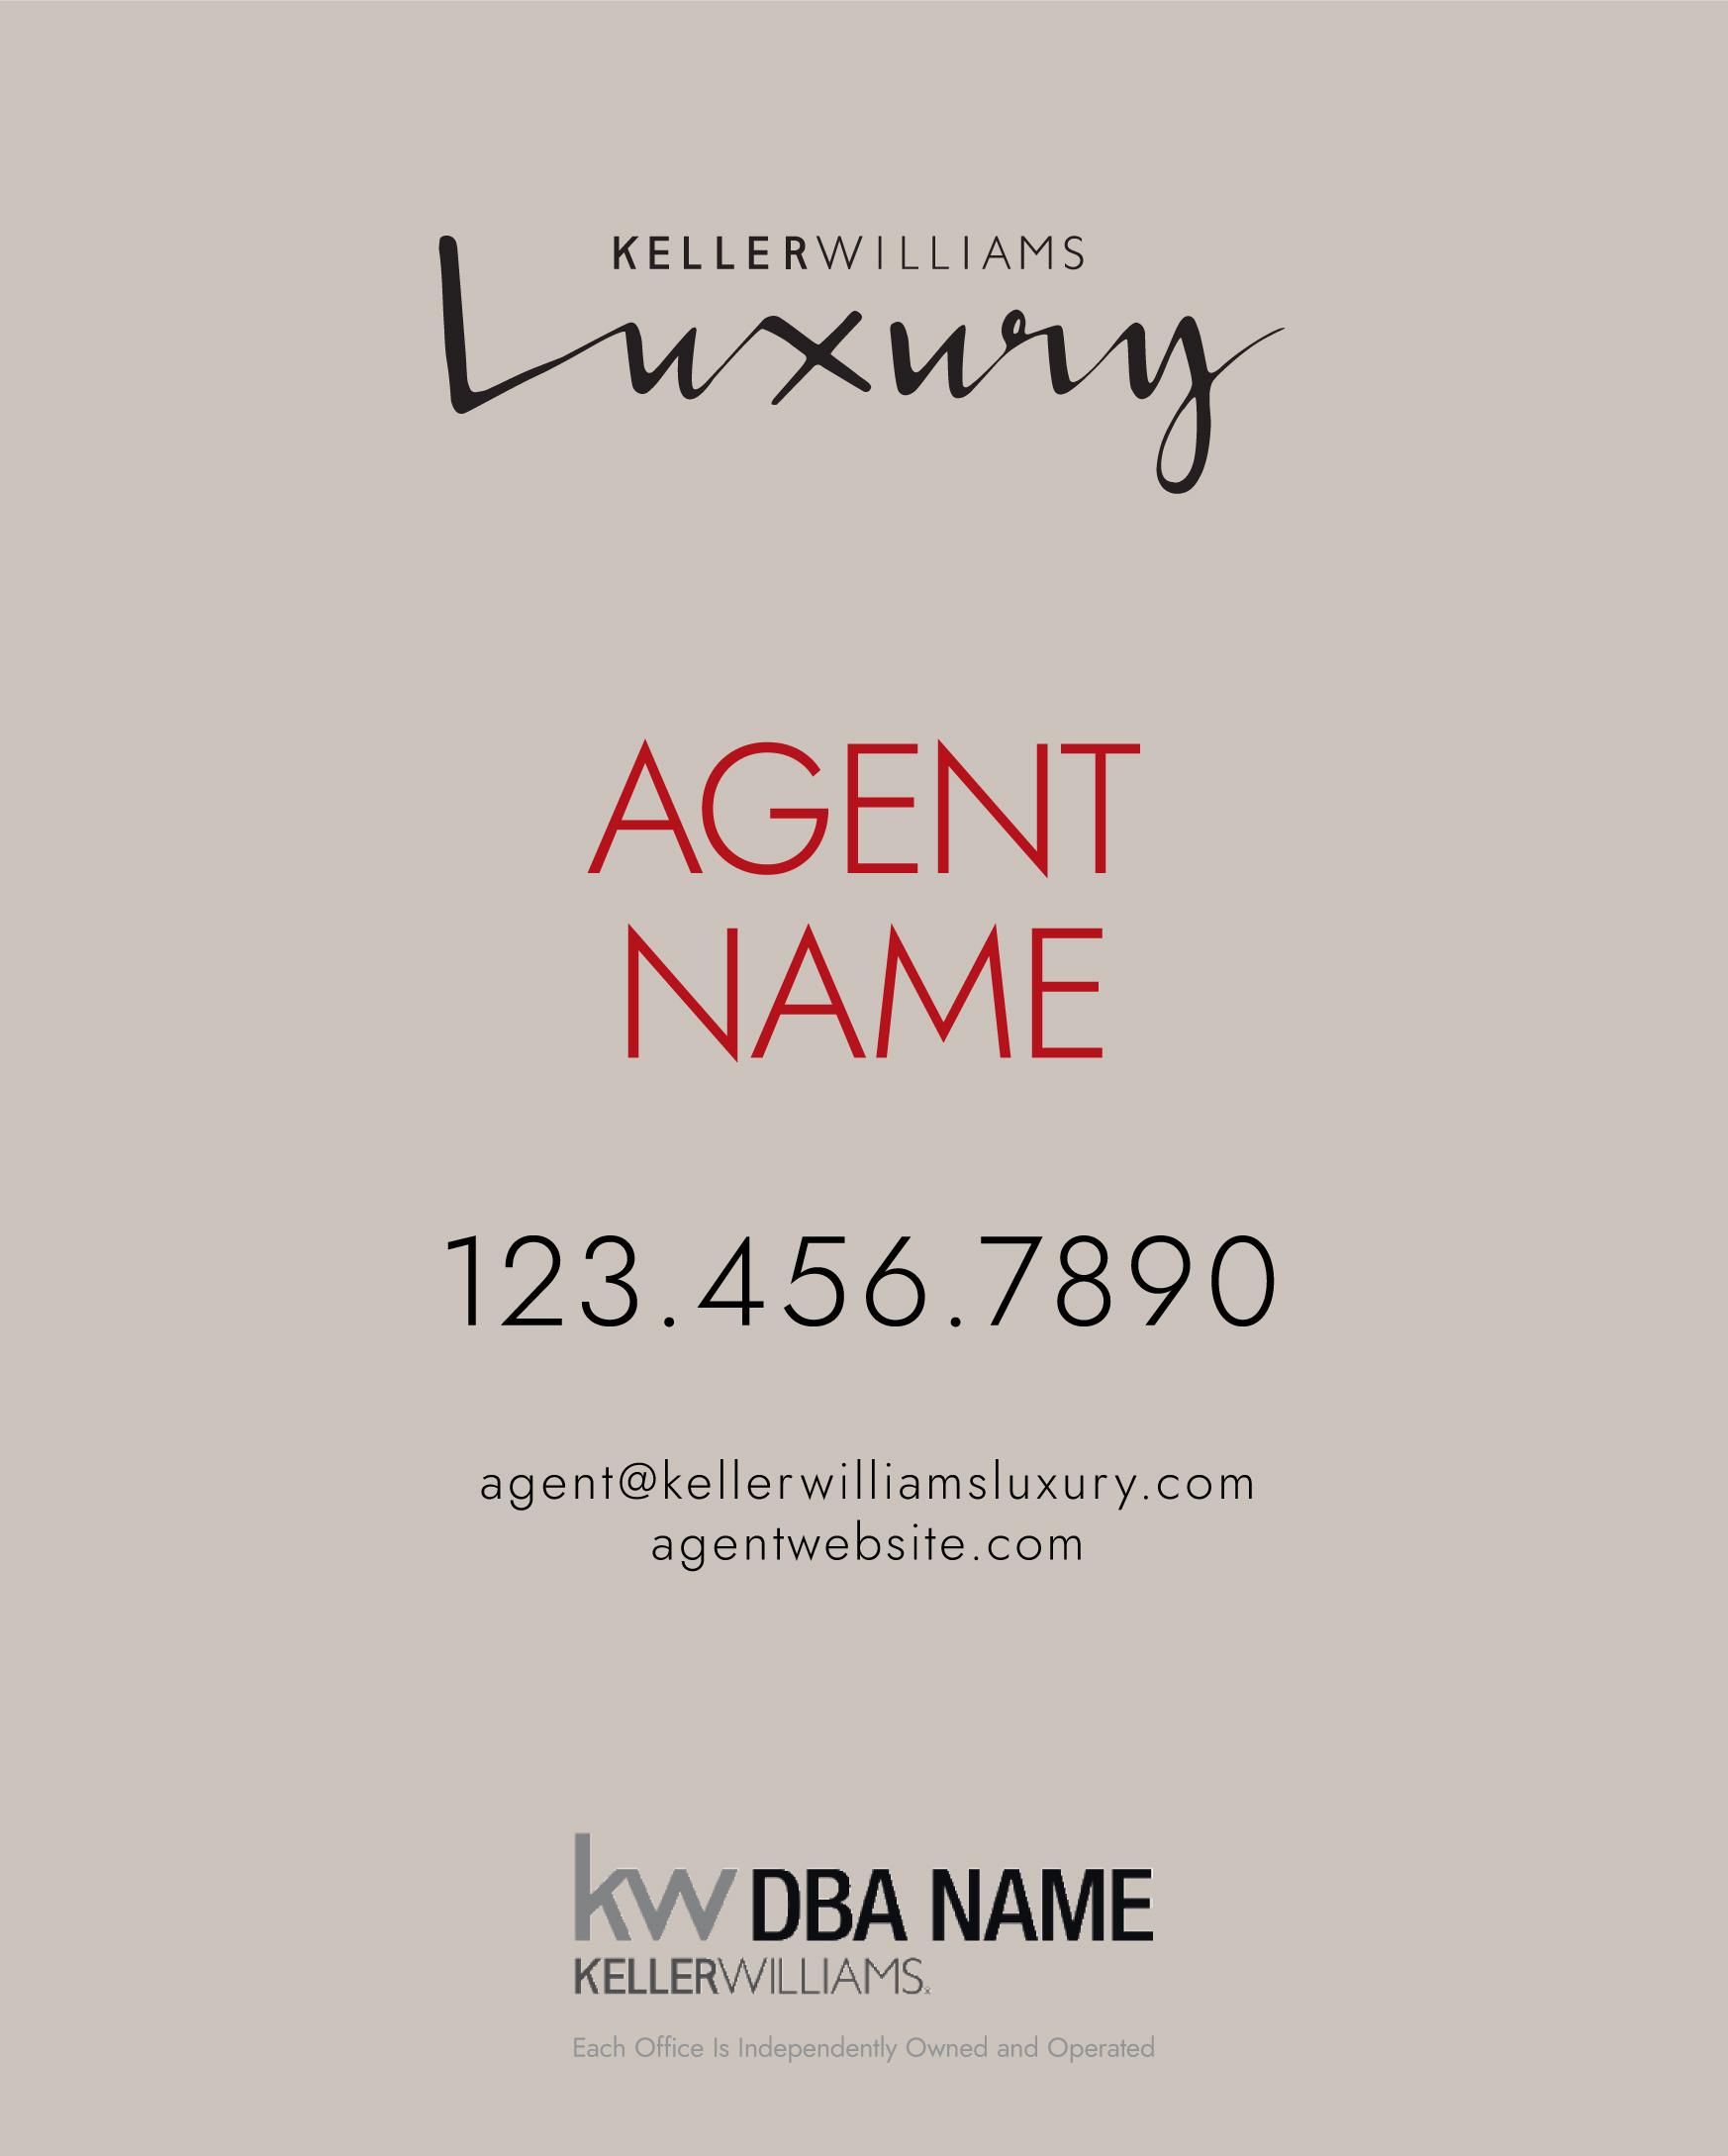 Standard KW Luxury Sign Design